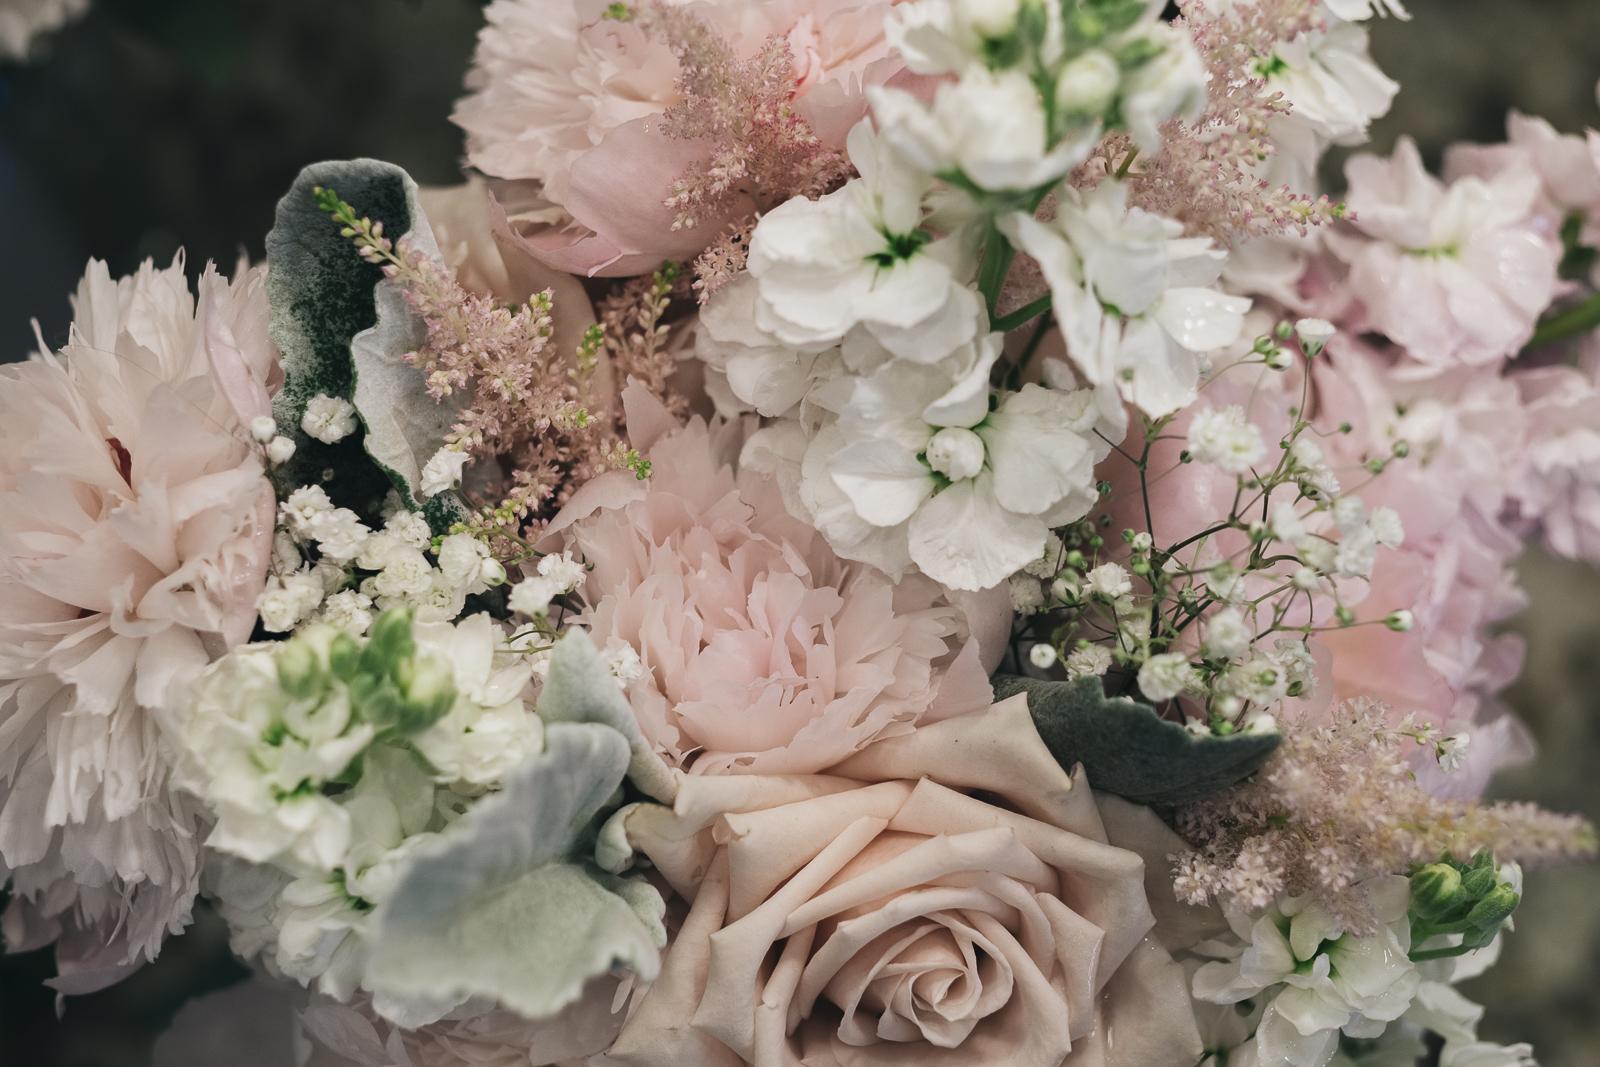 Blush bridal bouquet from La Boutique Nostalgie.